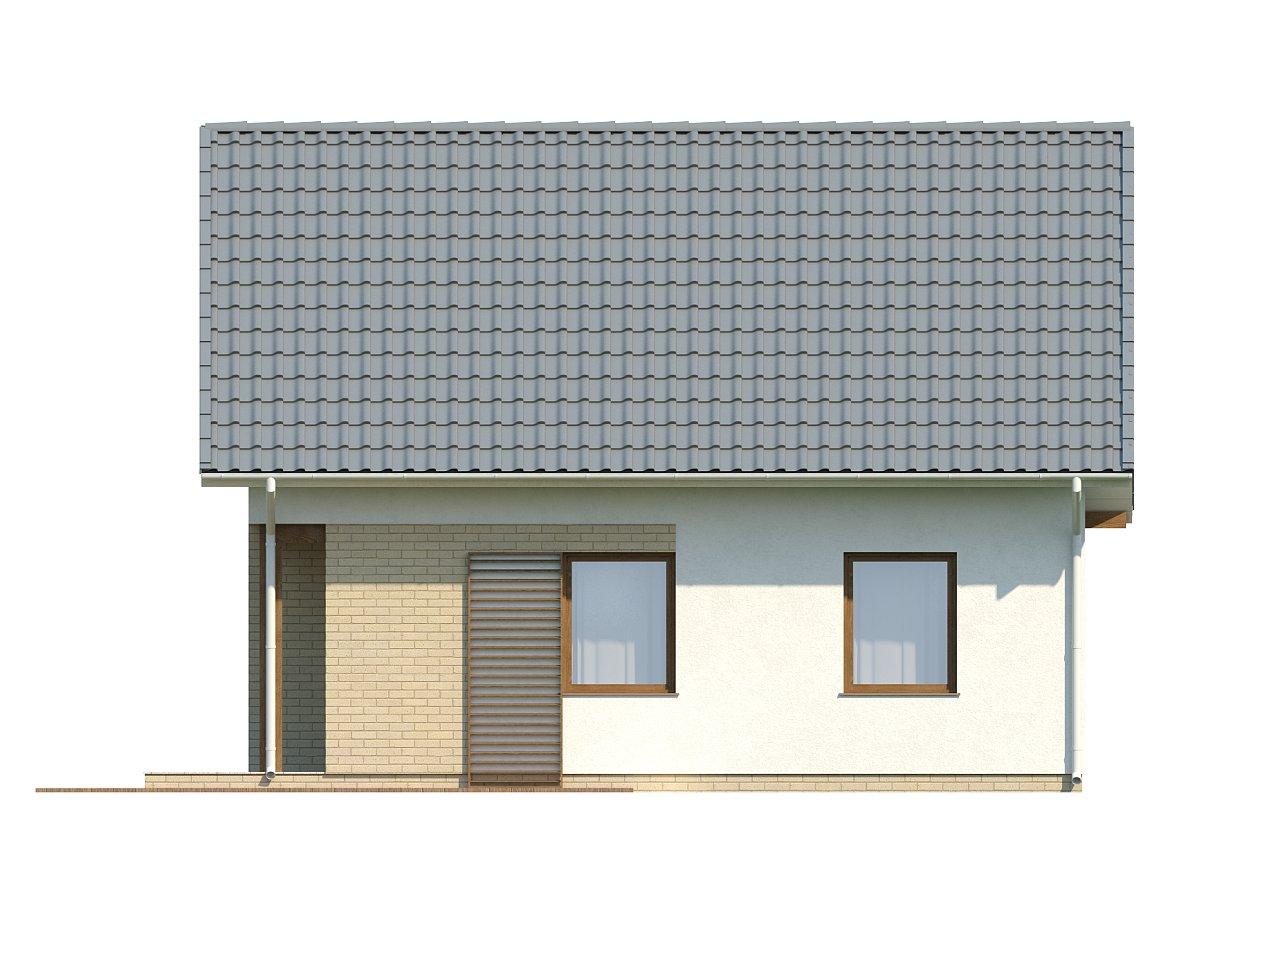 Практичный функциональный дом, недорогой в строительстве и эксплуатации. 15